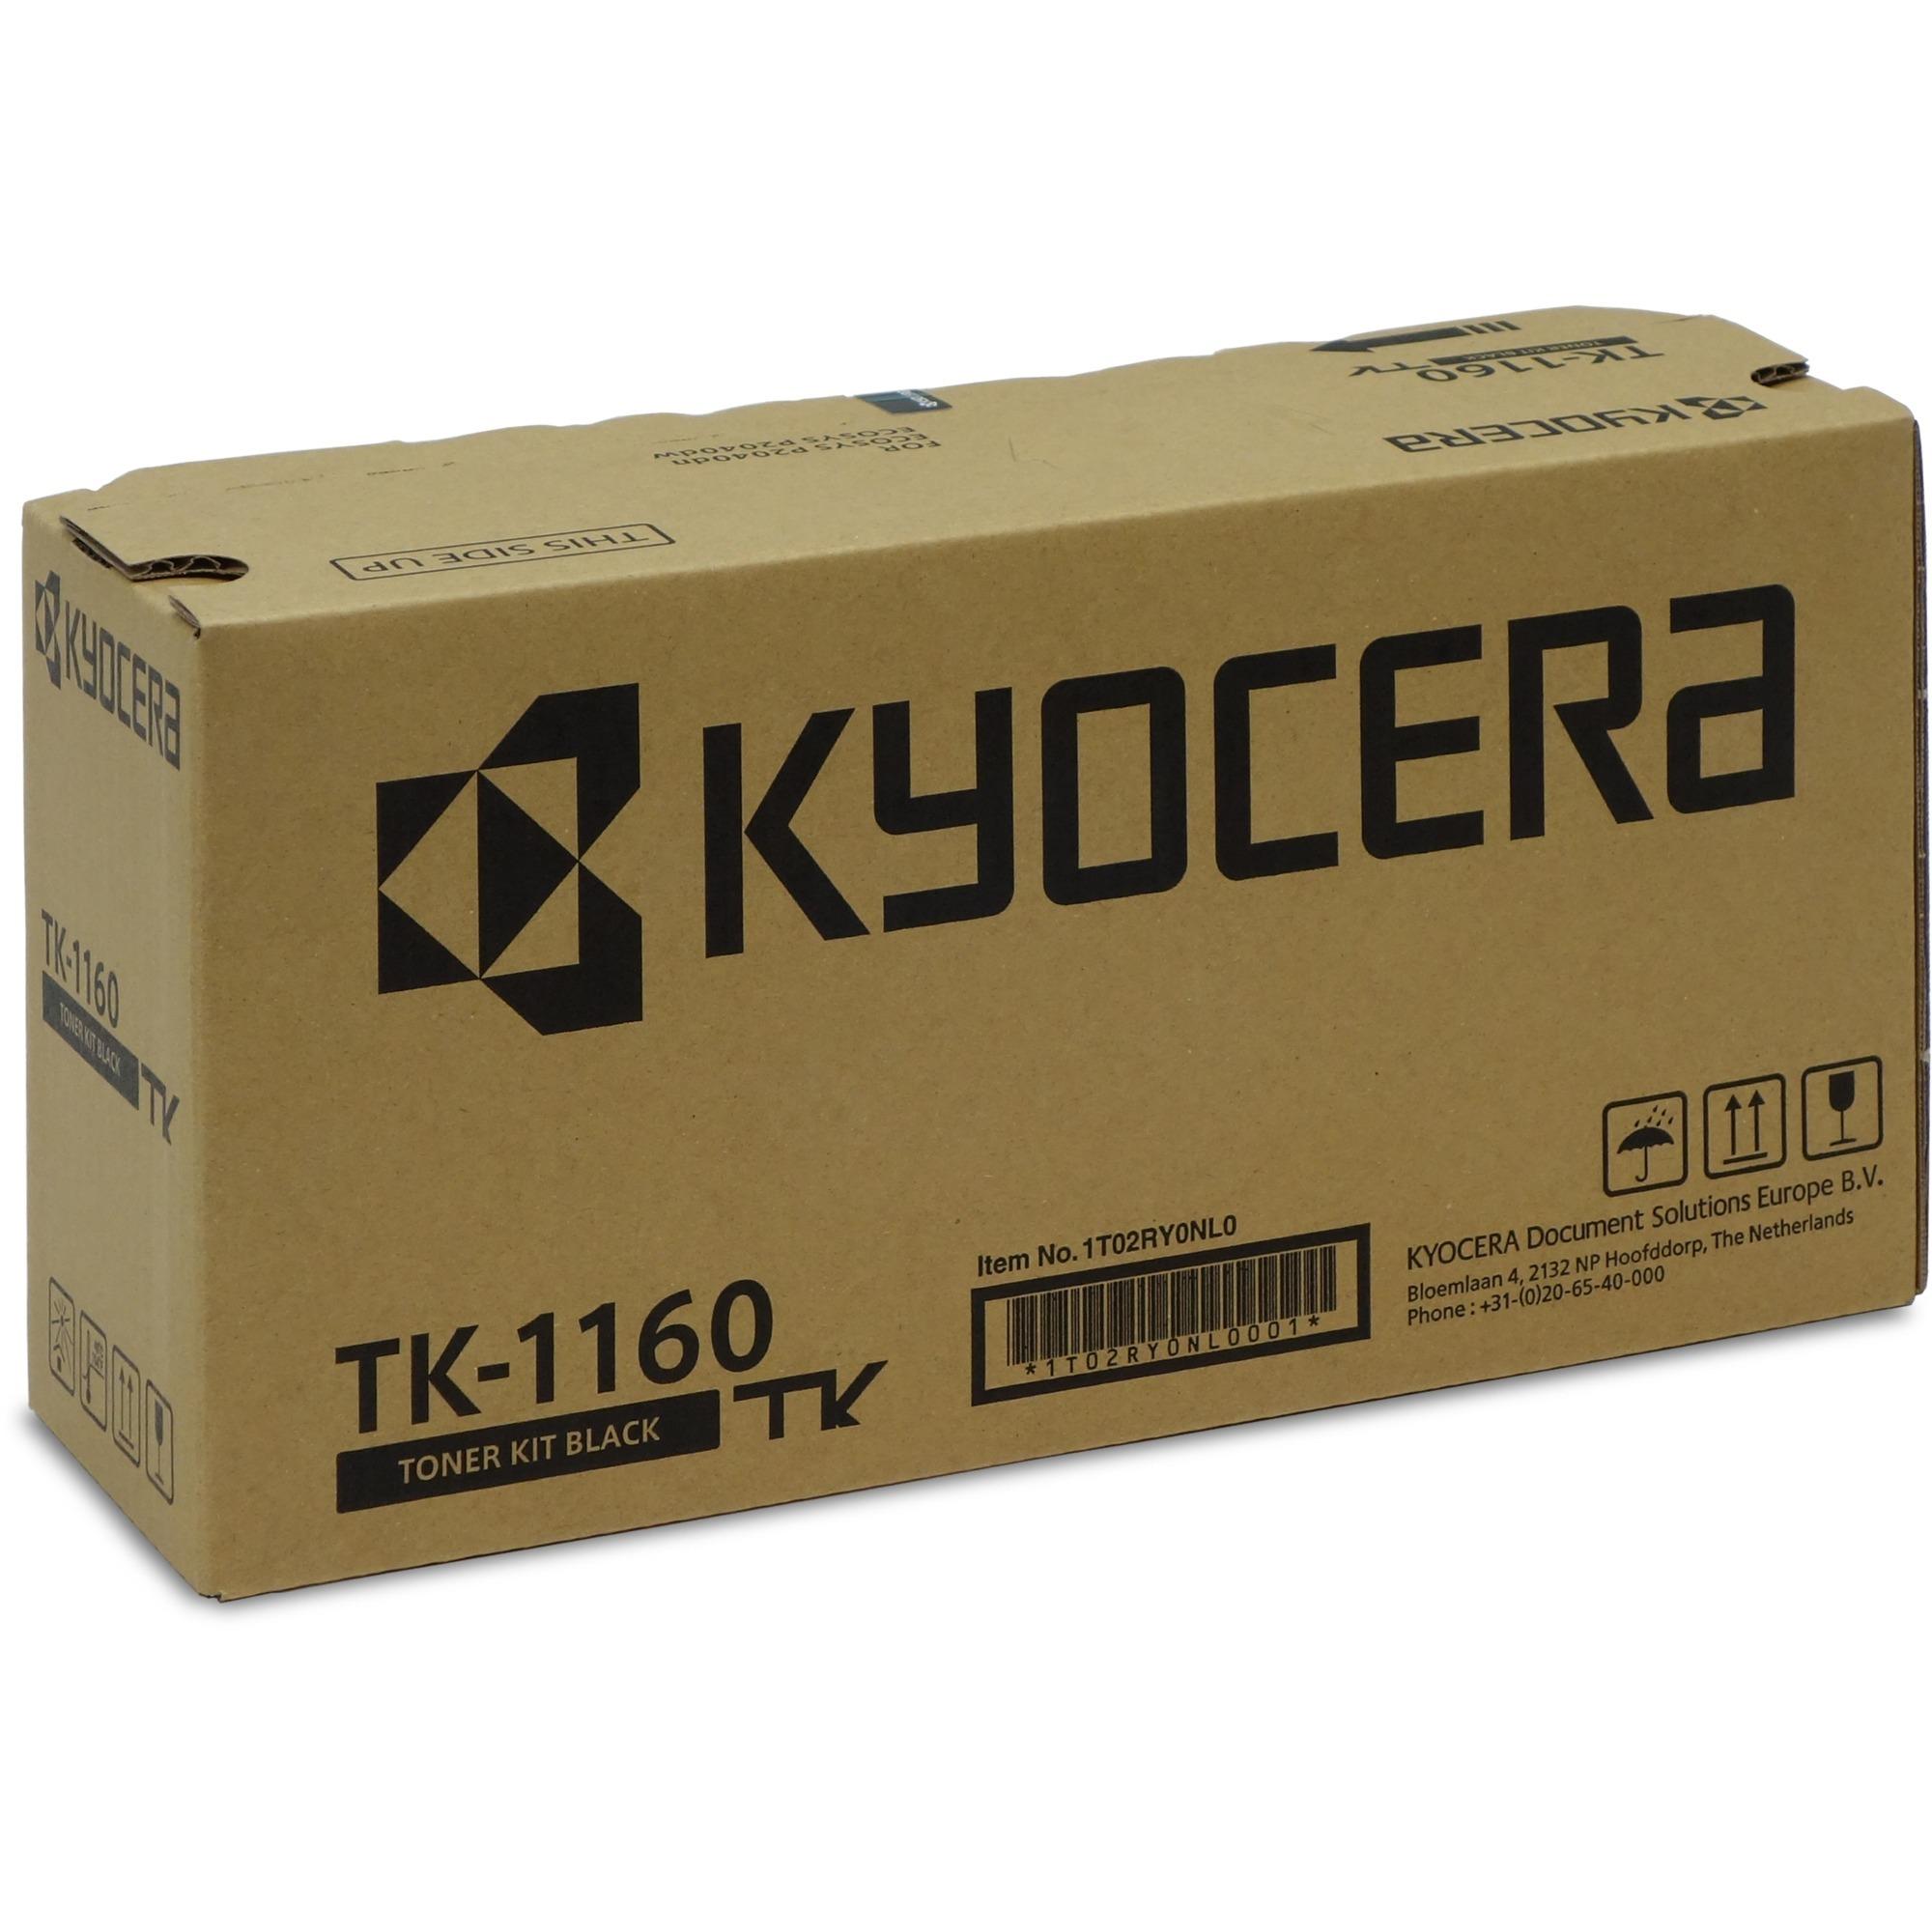 1T02RY0NL0 cartucho de tóner Tóner de láser 7200 páginas Negro